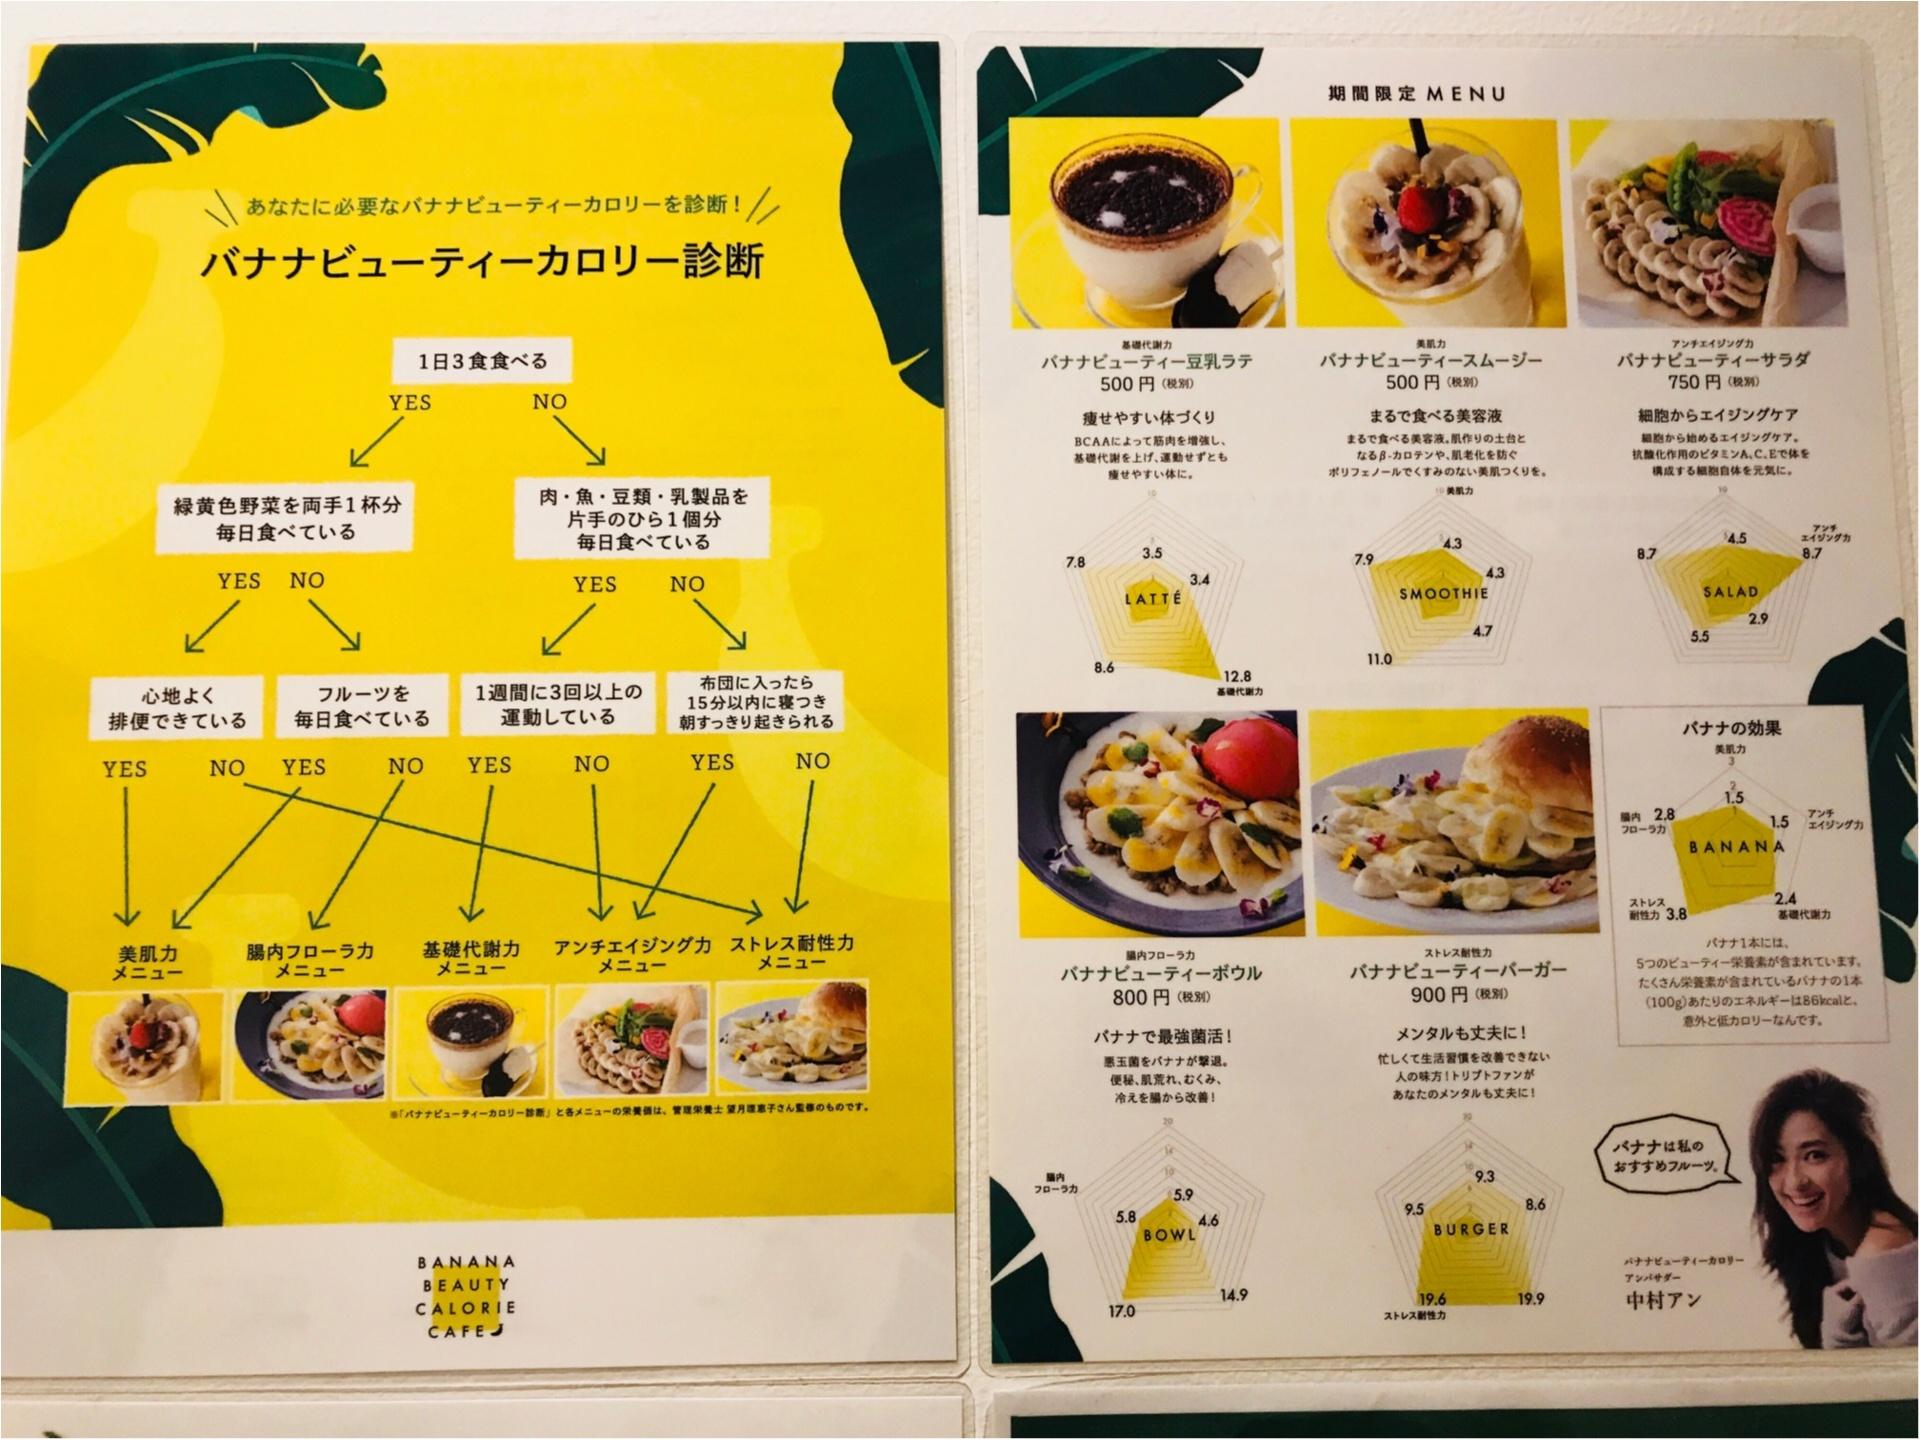 4日限定オープン!【バナナビューティーカロリーカフェ】がバナナづくしだった♡_2